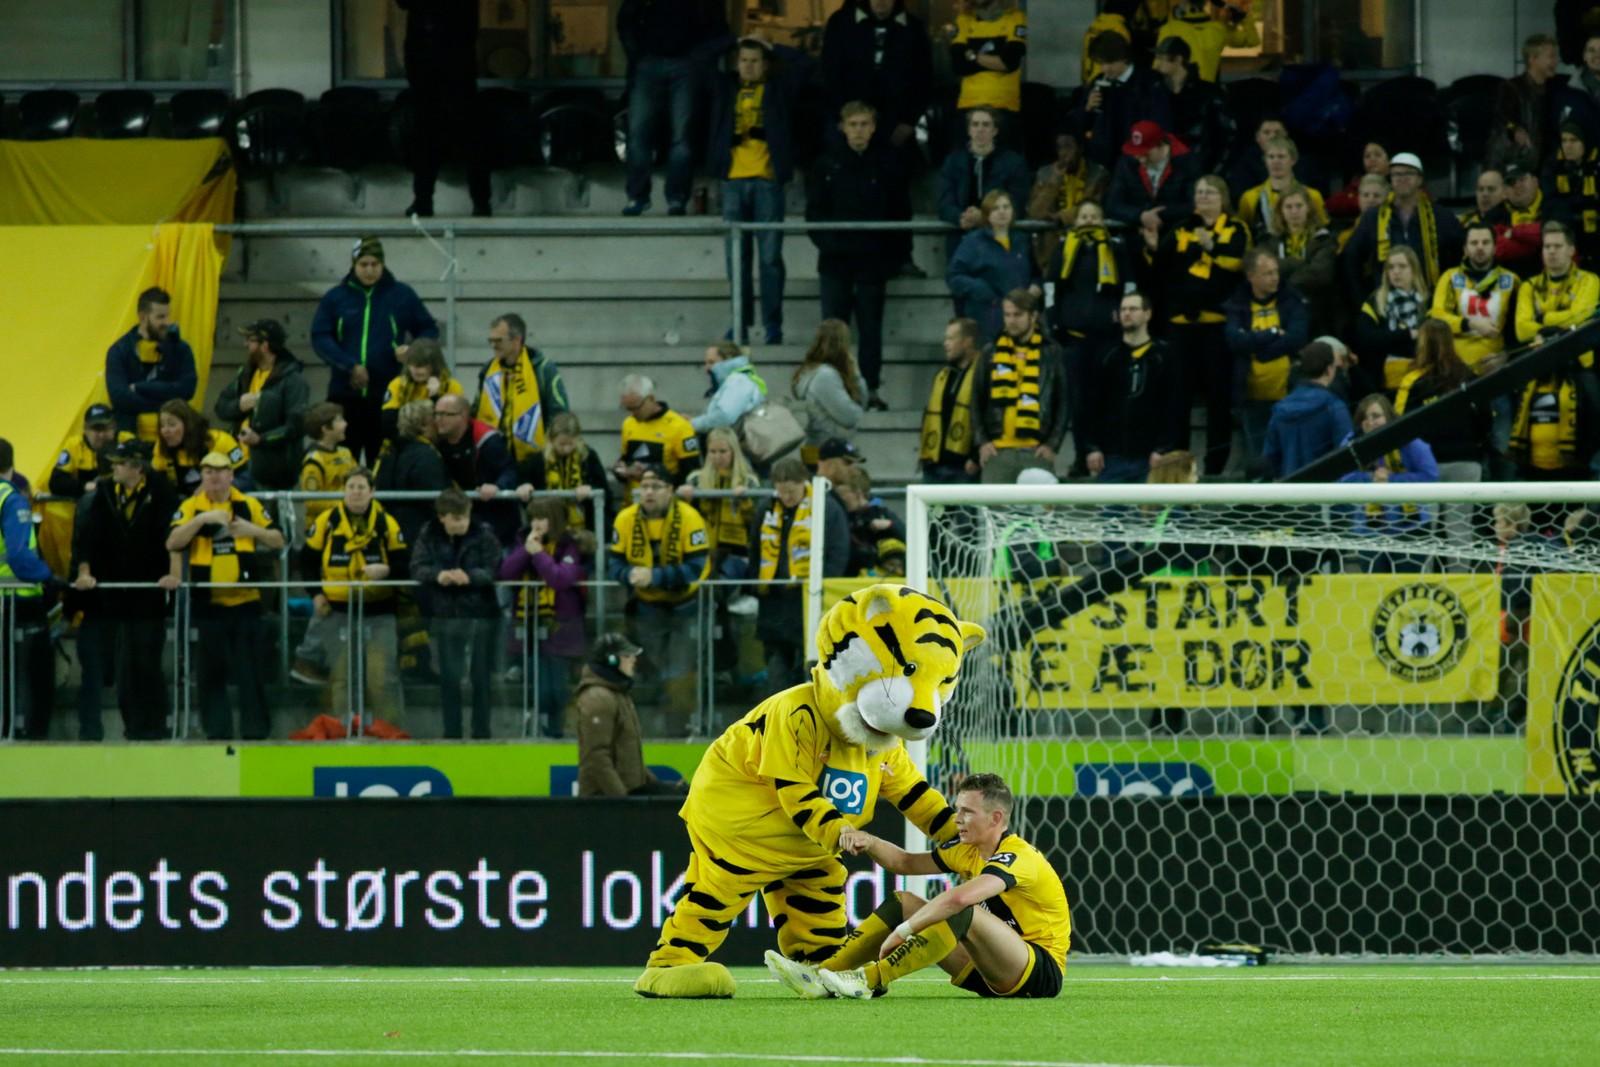 Starts Henrik Breimyr får trøst av Starts maskot etter kampen som endte 1–1. Start ligger fortsatt på kvalikplassen ett poeng foran Mjøndalen. To kamper gjenstår.